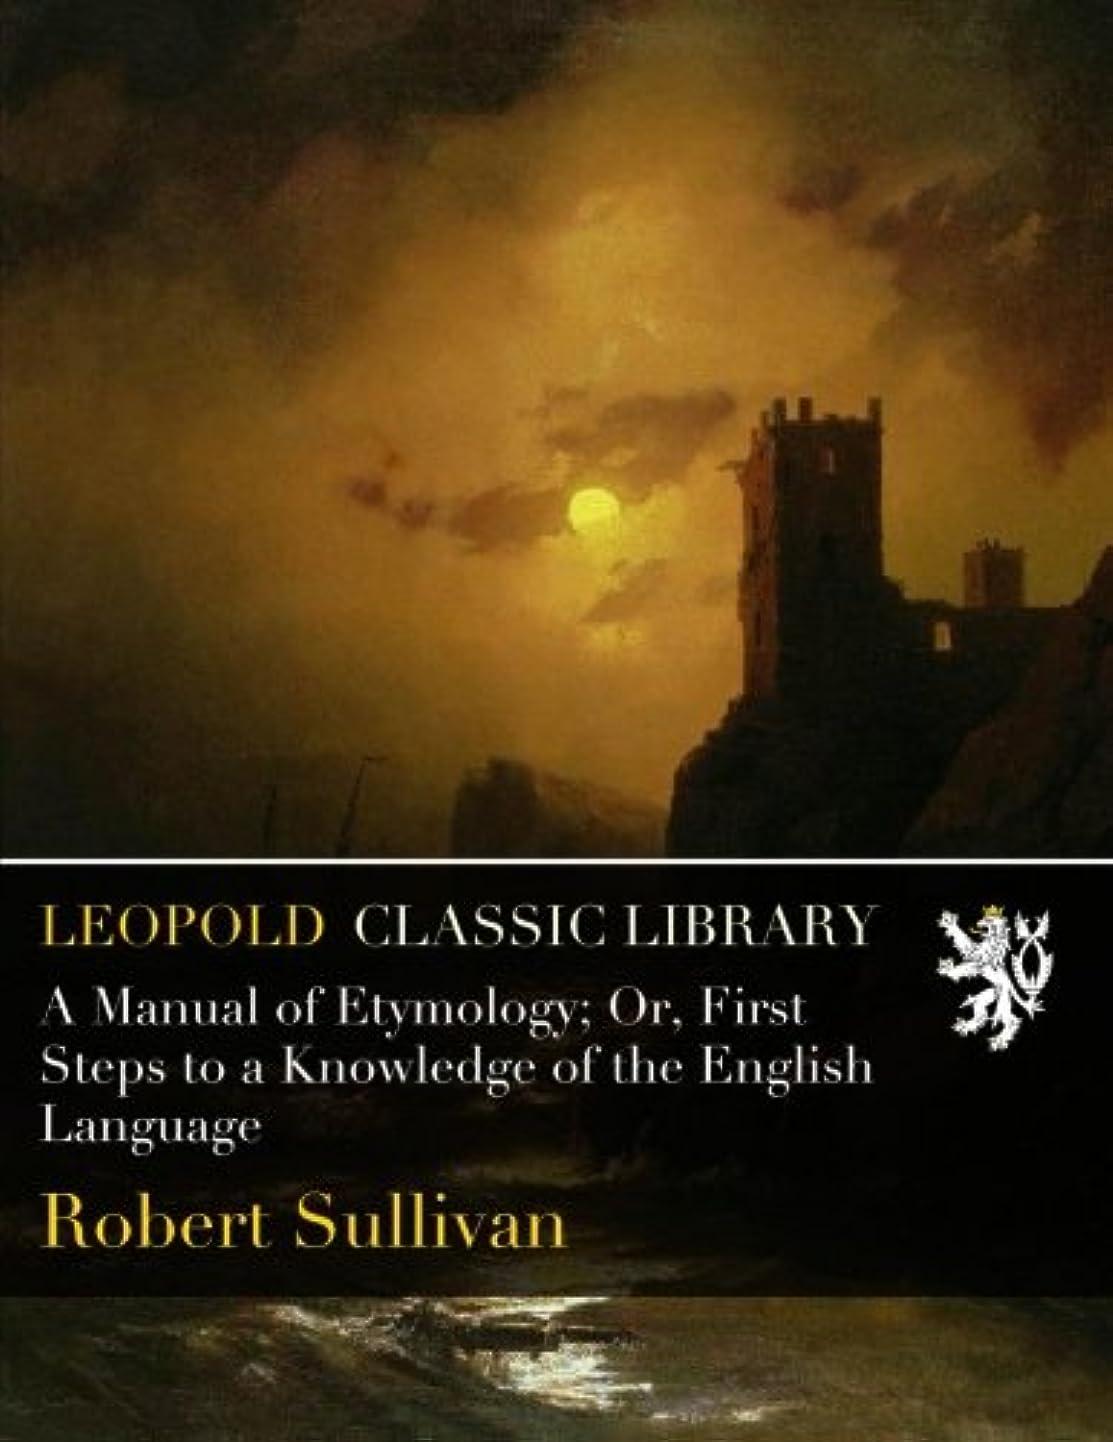 セラフレベル持続するA Manual of Etymology; Or, First Steps to a Knowledge of the English Language